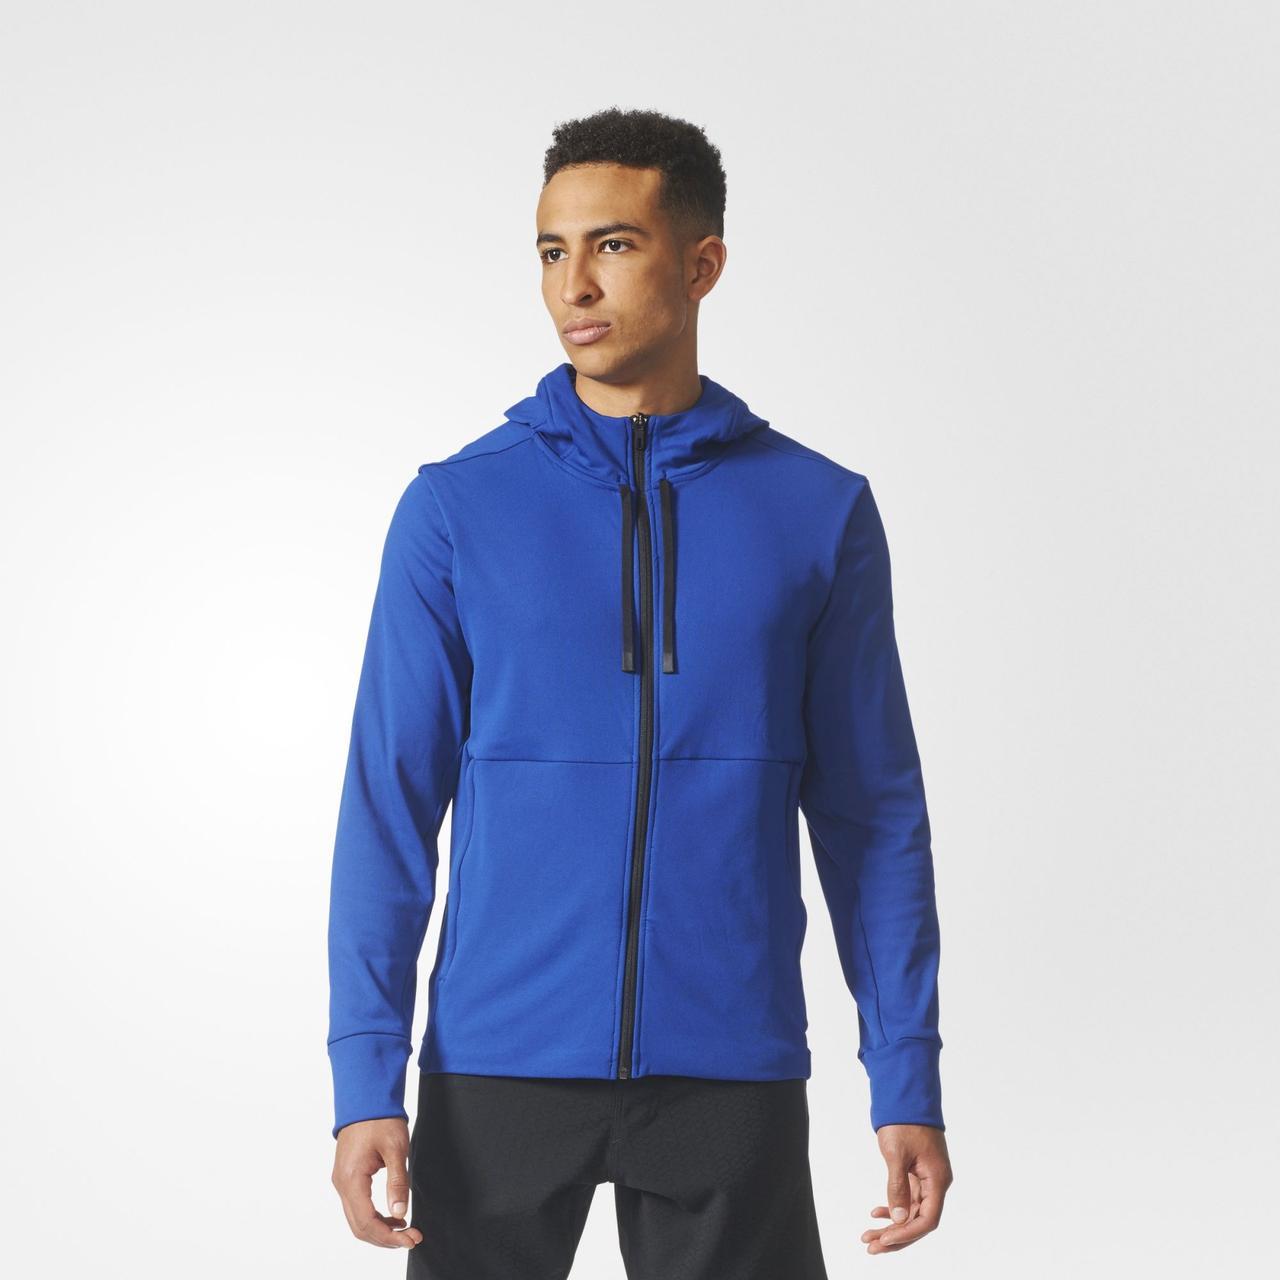 Мужская толстовка Adidas Performance Climawarm (Артикул: CE3579)